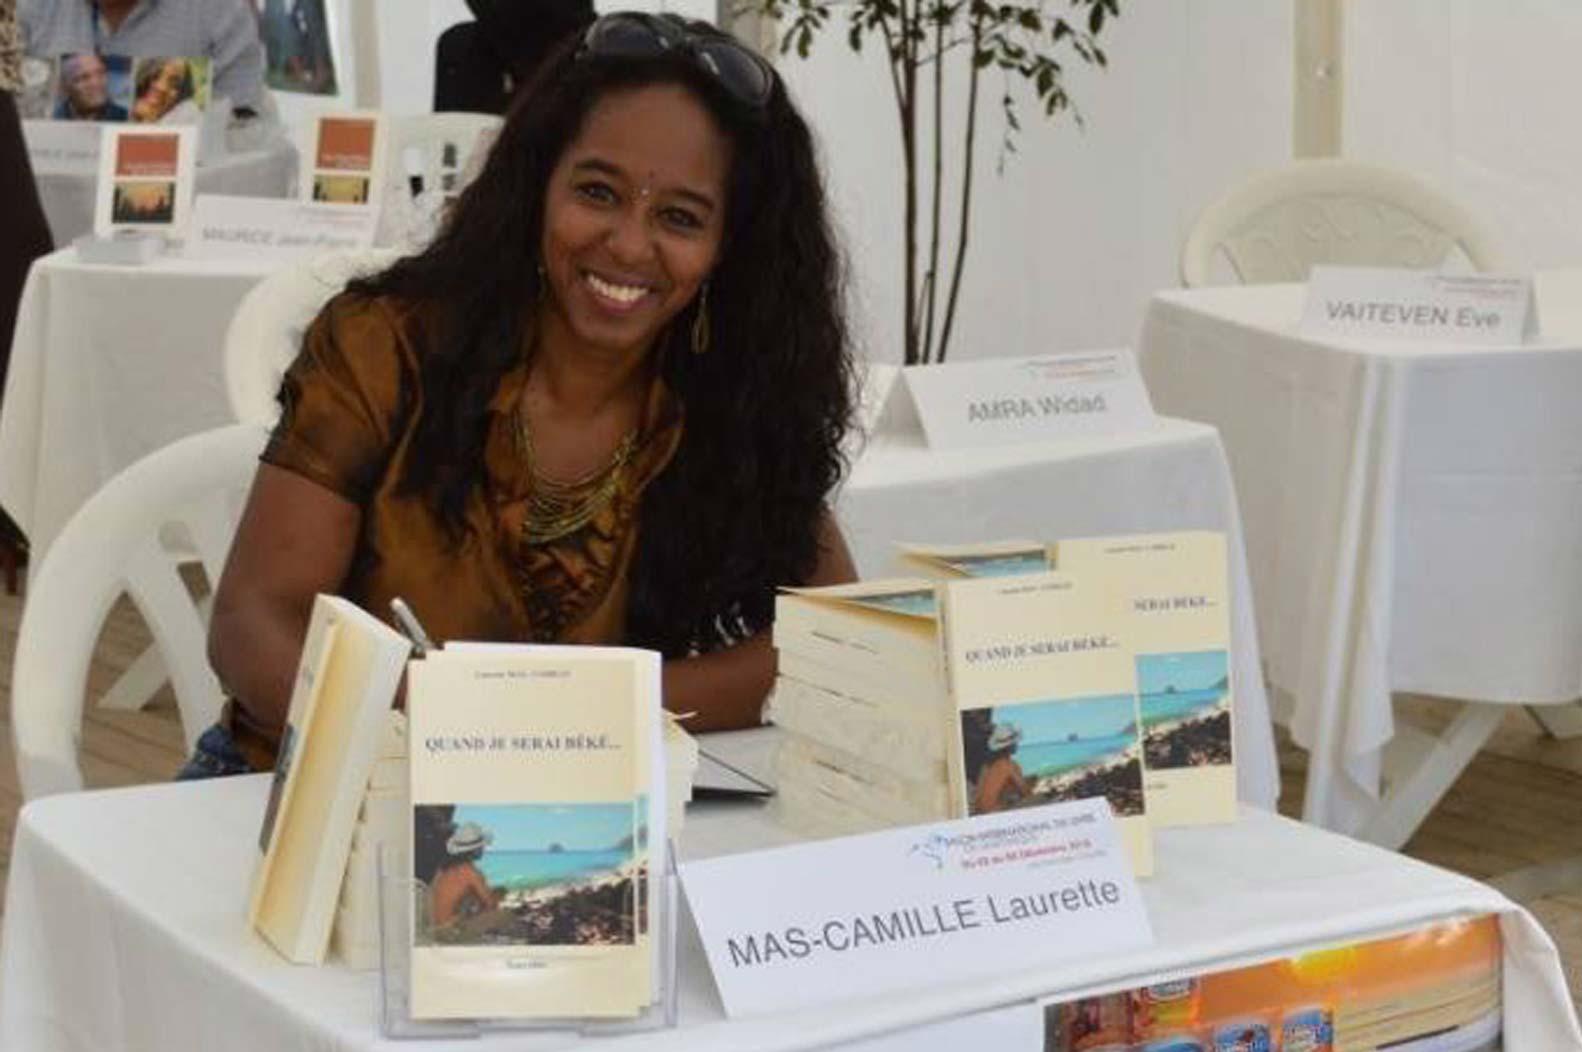 Si un Ecrivain pouvait changer votre    vie ... Laurette Mas-Camille